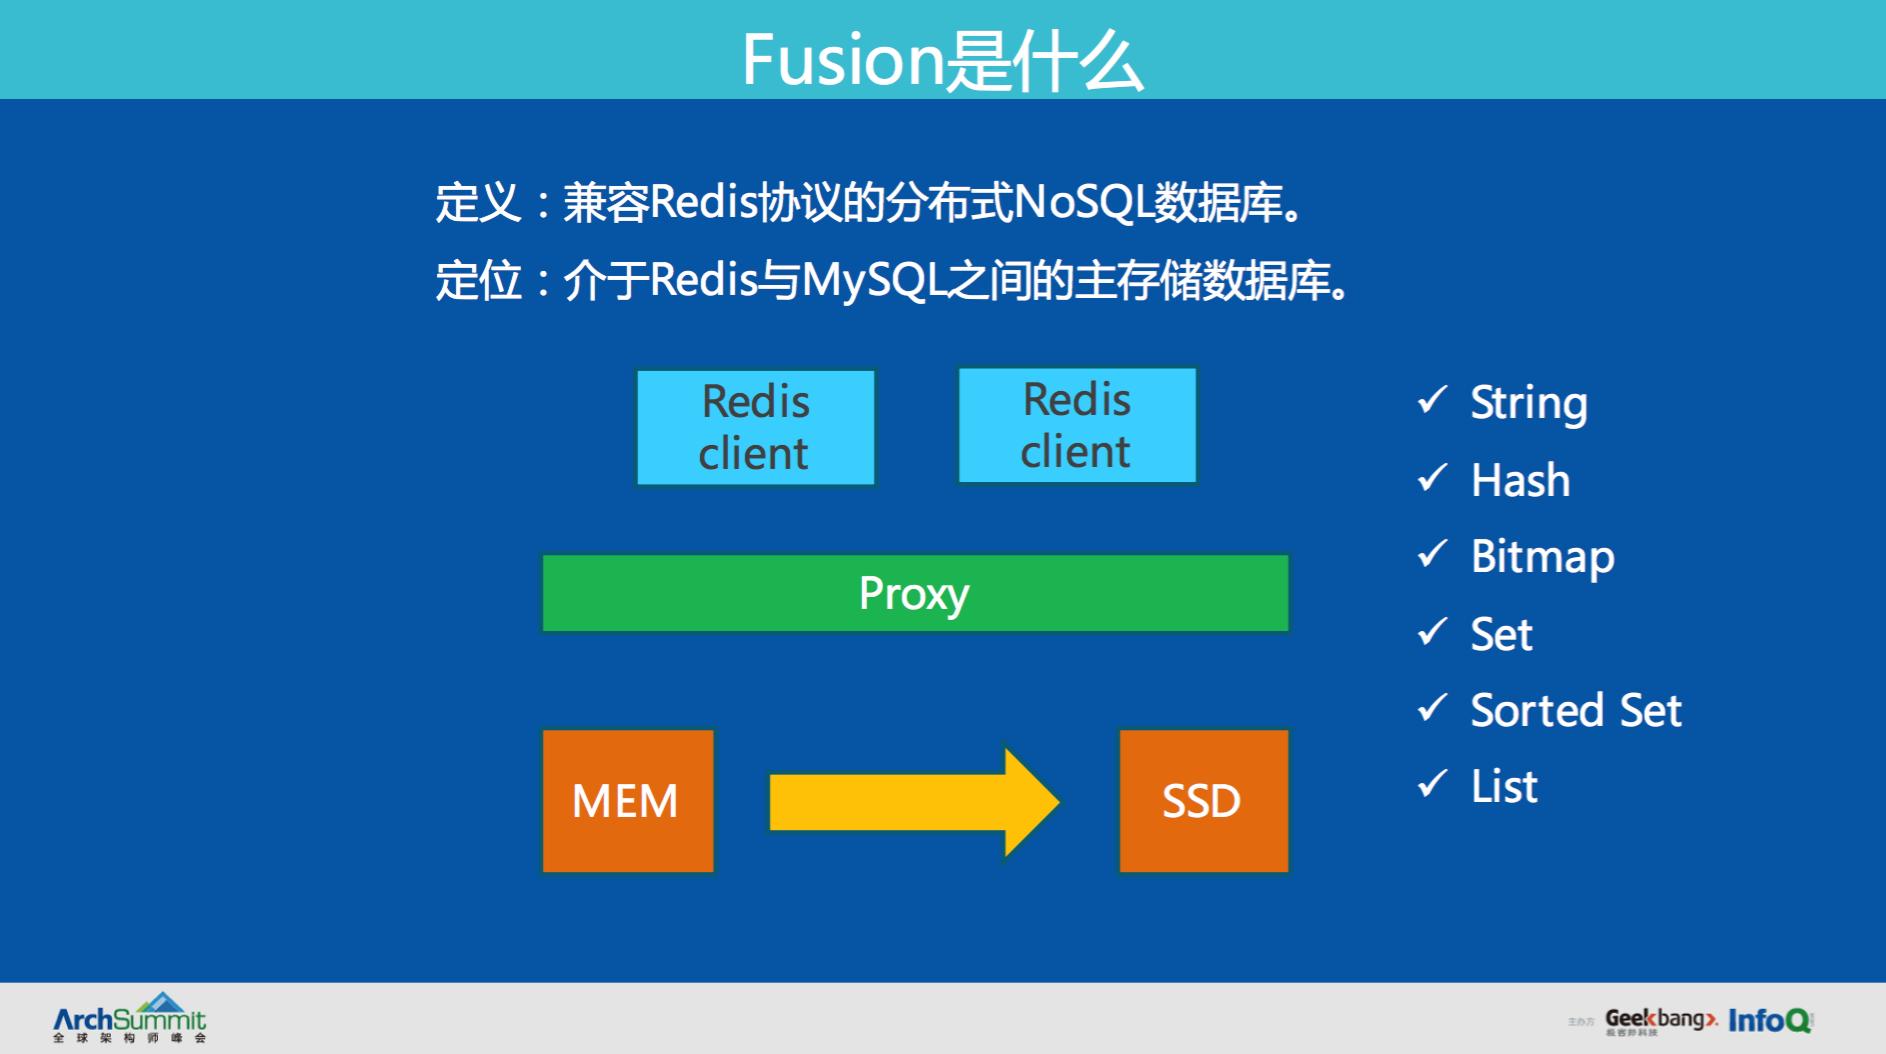 滴滴自研分布式NoSQL数据库Fusion的演进之路